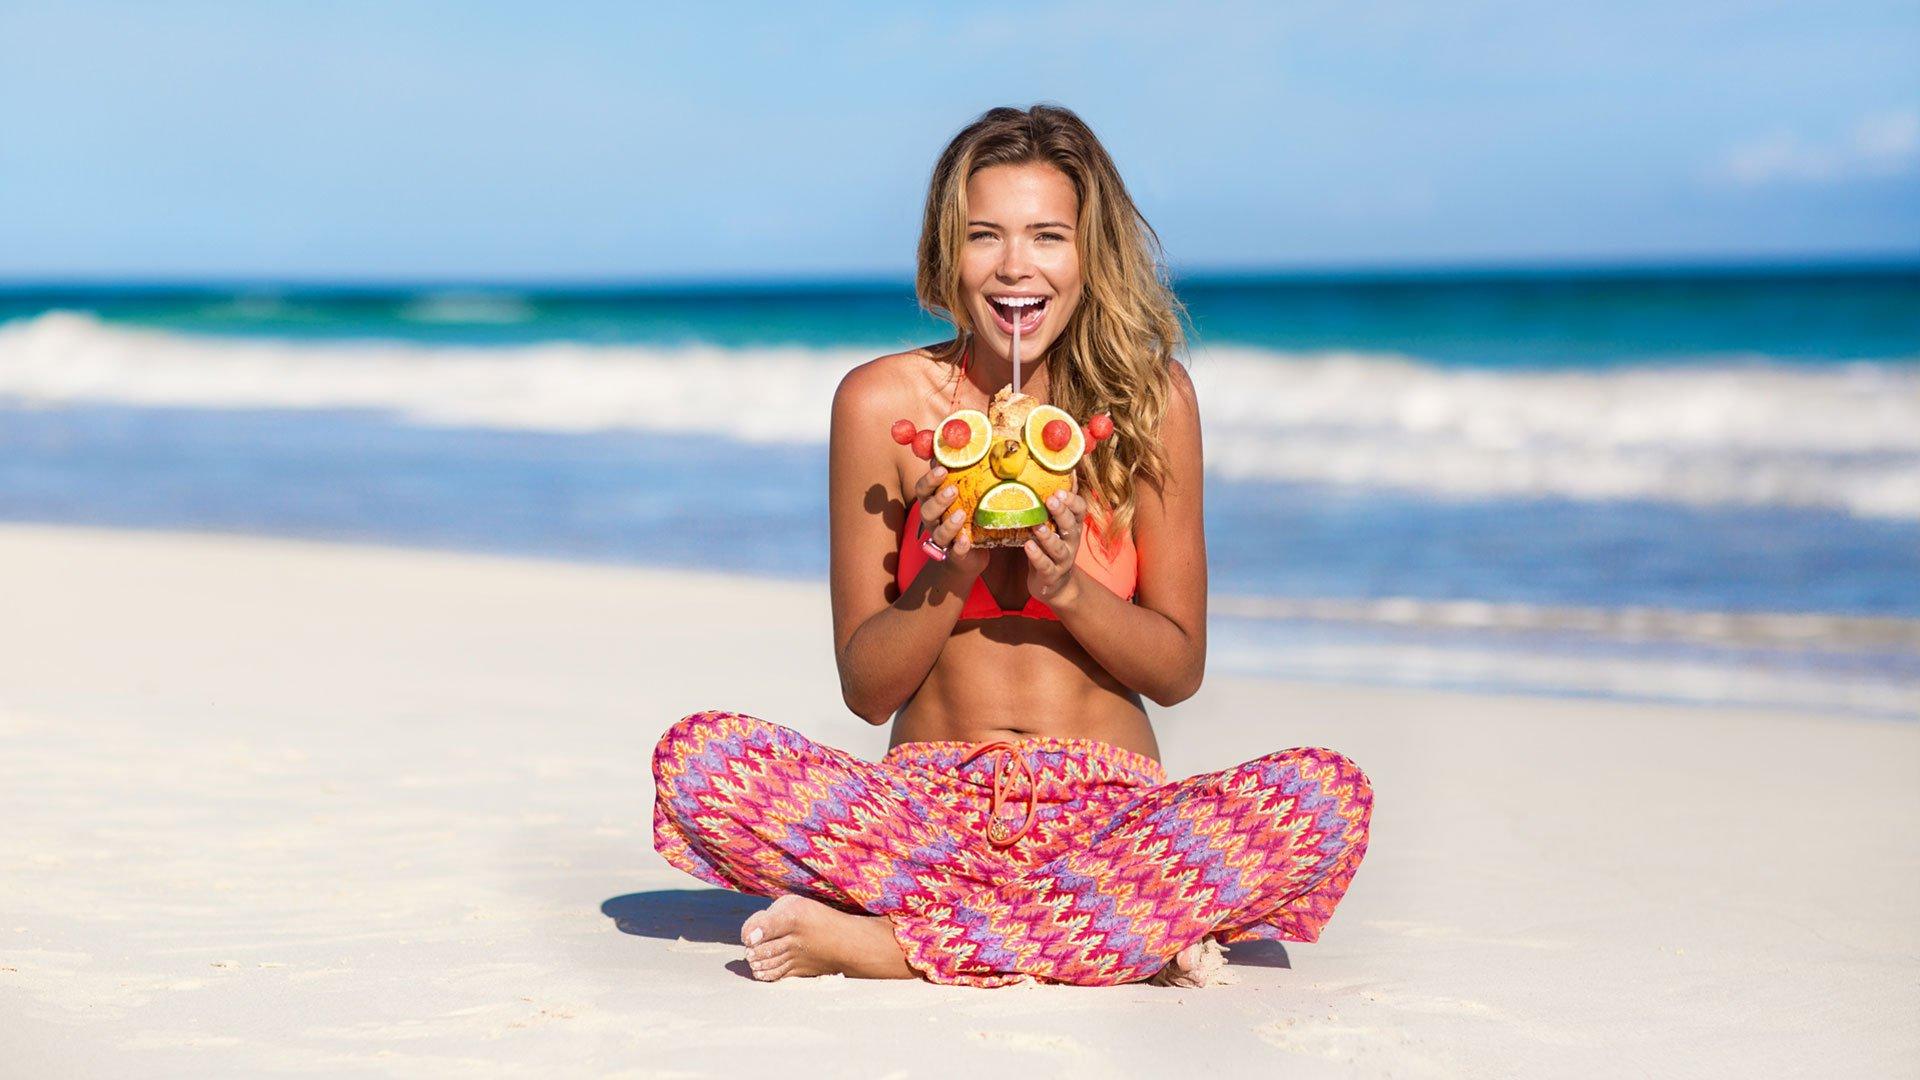 девушка на пляже песок коктейль